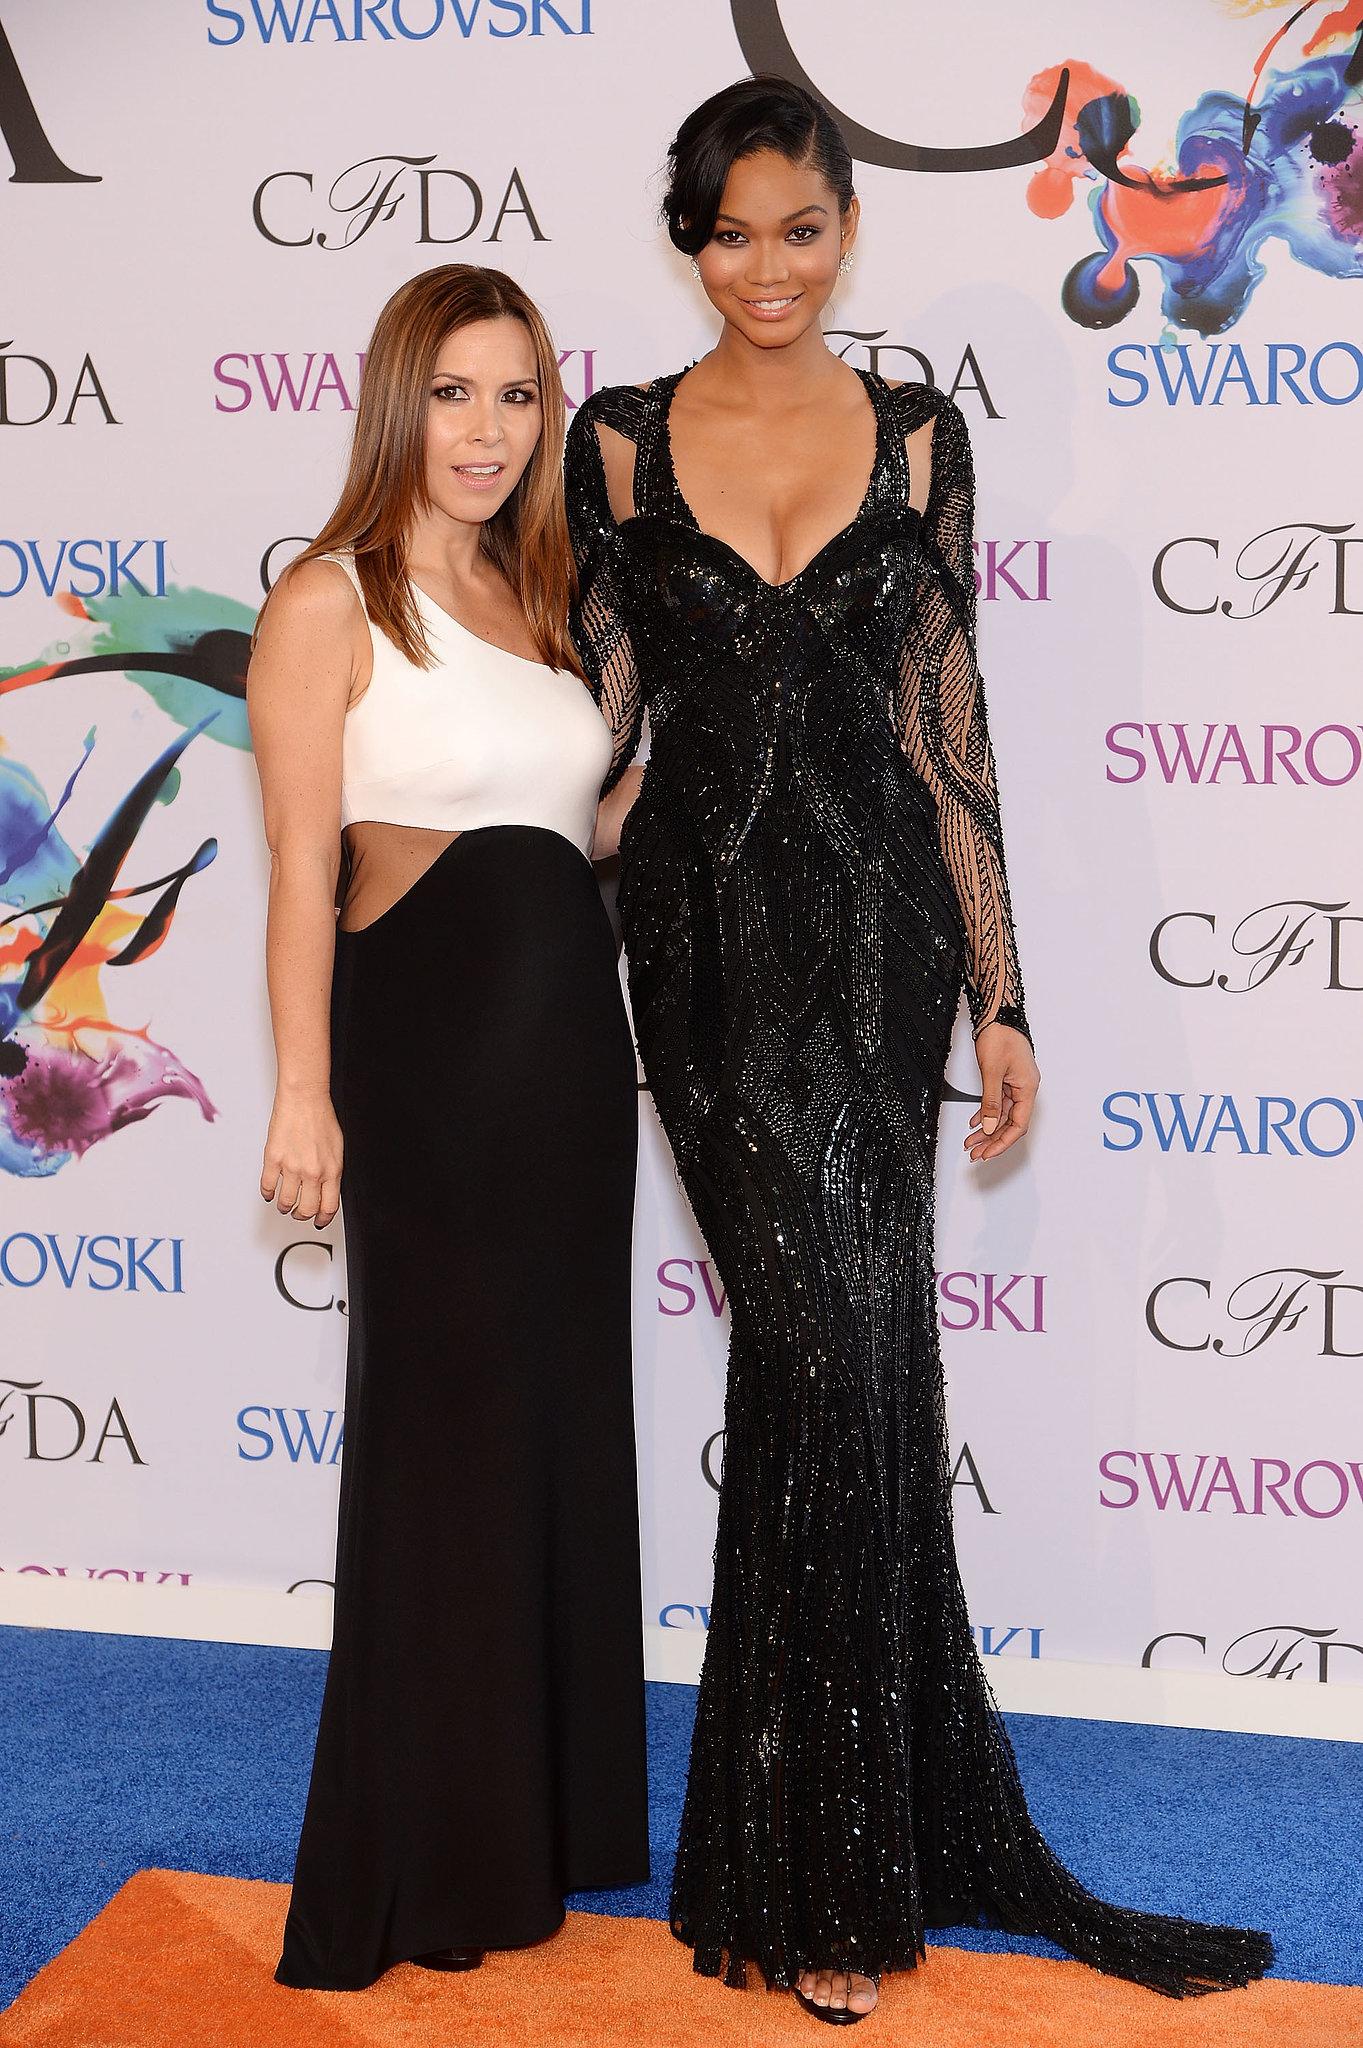 Chanel Iman at the 2014 CFDA Awards